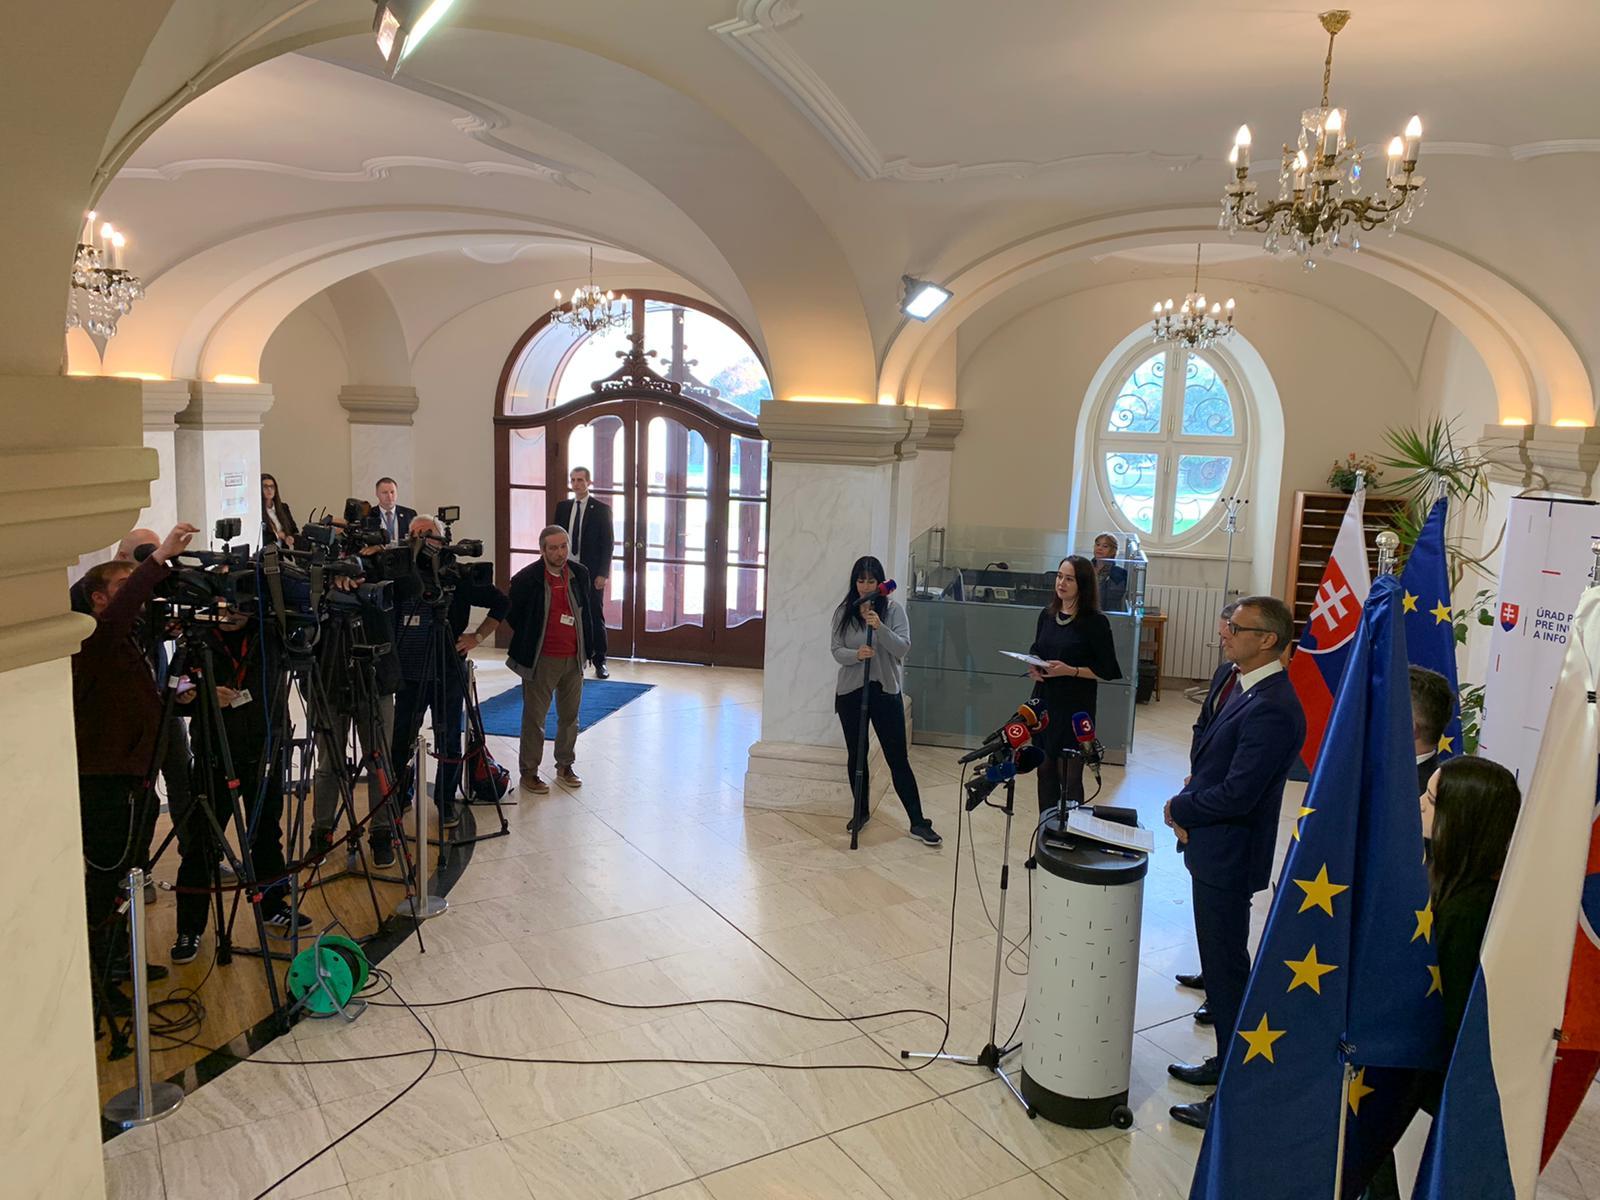 Vicepremiér R. Raši predstavil tretiu vlnu boja proti byrokracii. Zrušením ďalších ôsmich potvrdení a výpisov ľuďom ušetríme 18 miliónov eur ročne